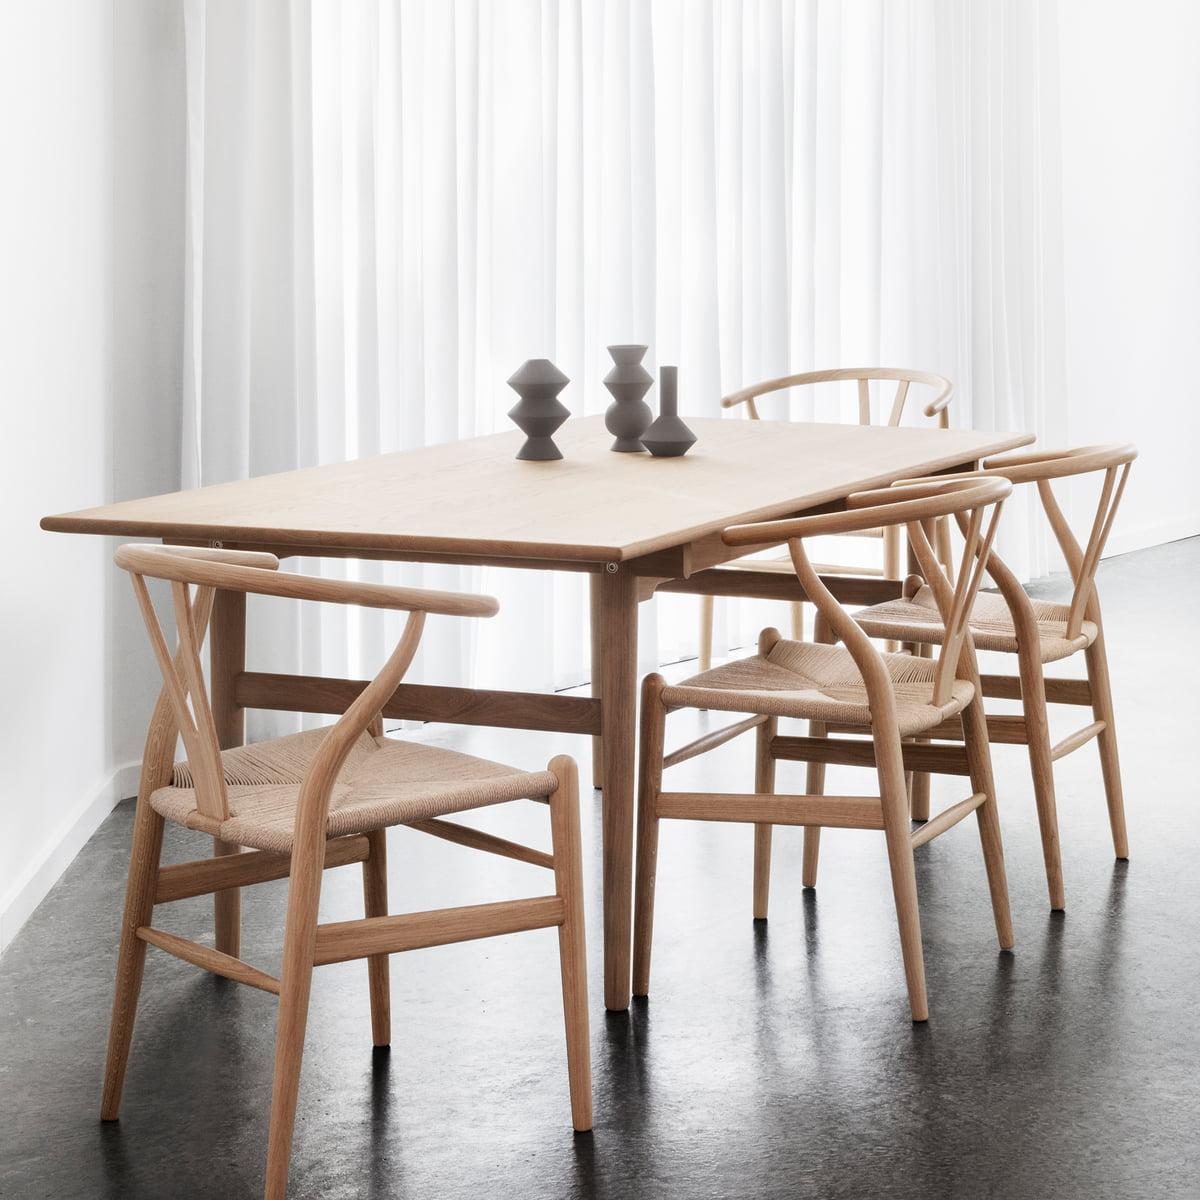 ch327 esstisch von carl hansen connox. Black Bedroom Furniture Sets. Home Design Ideas